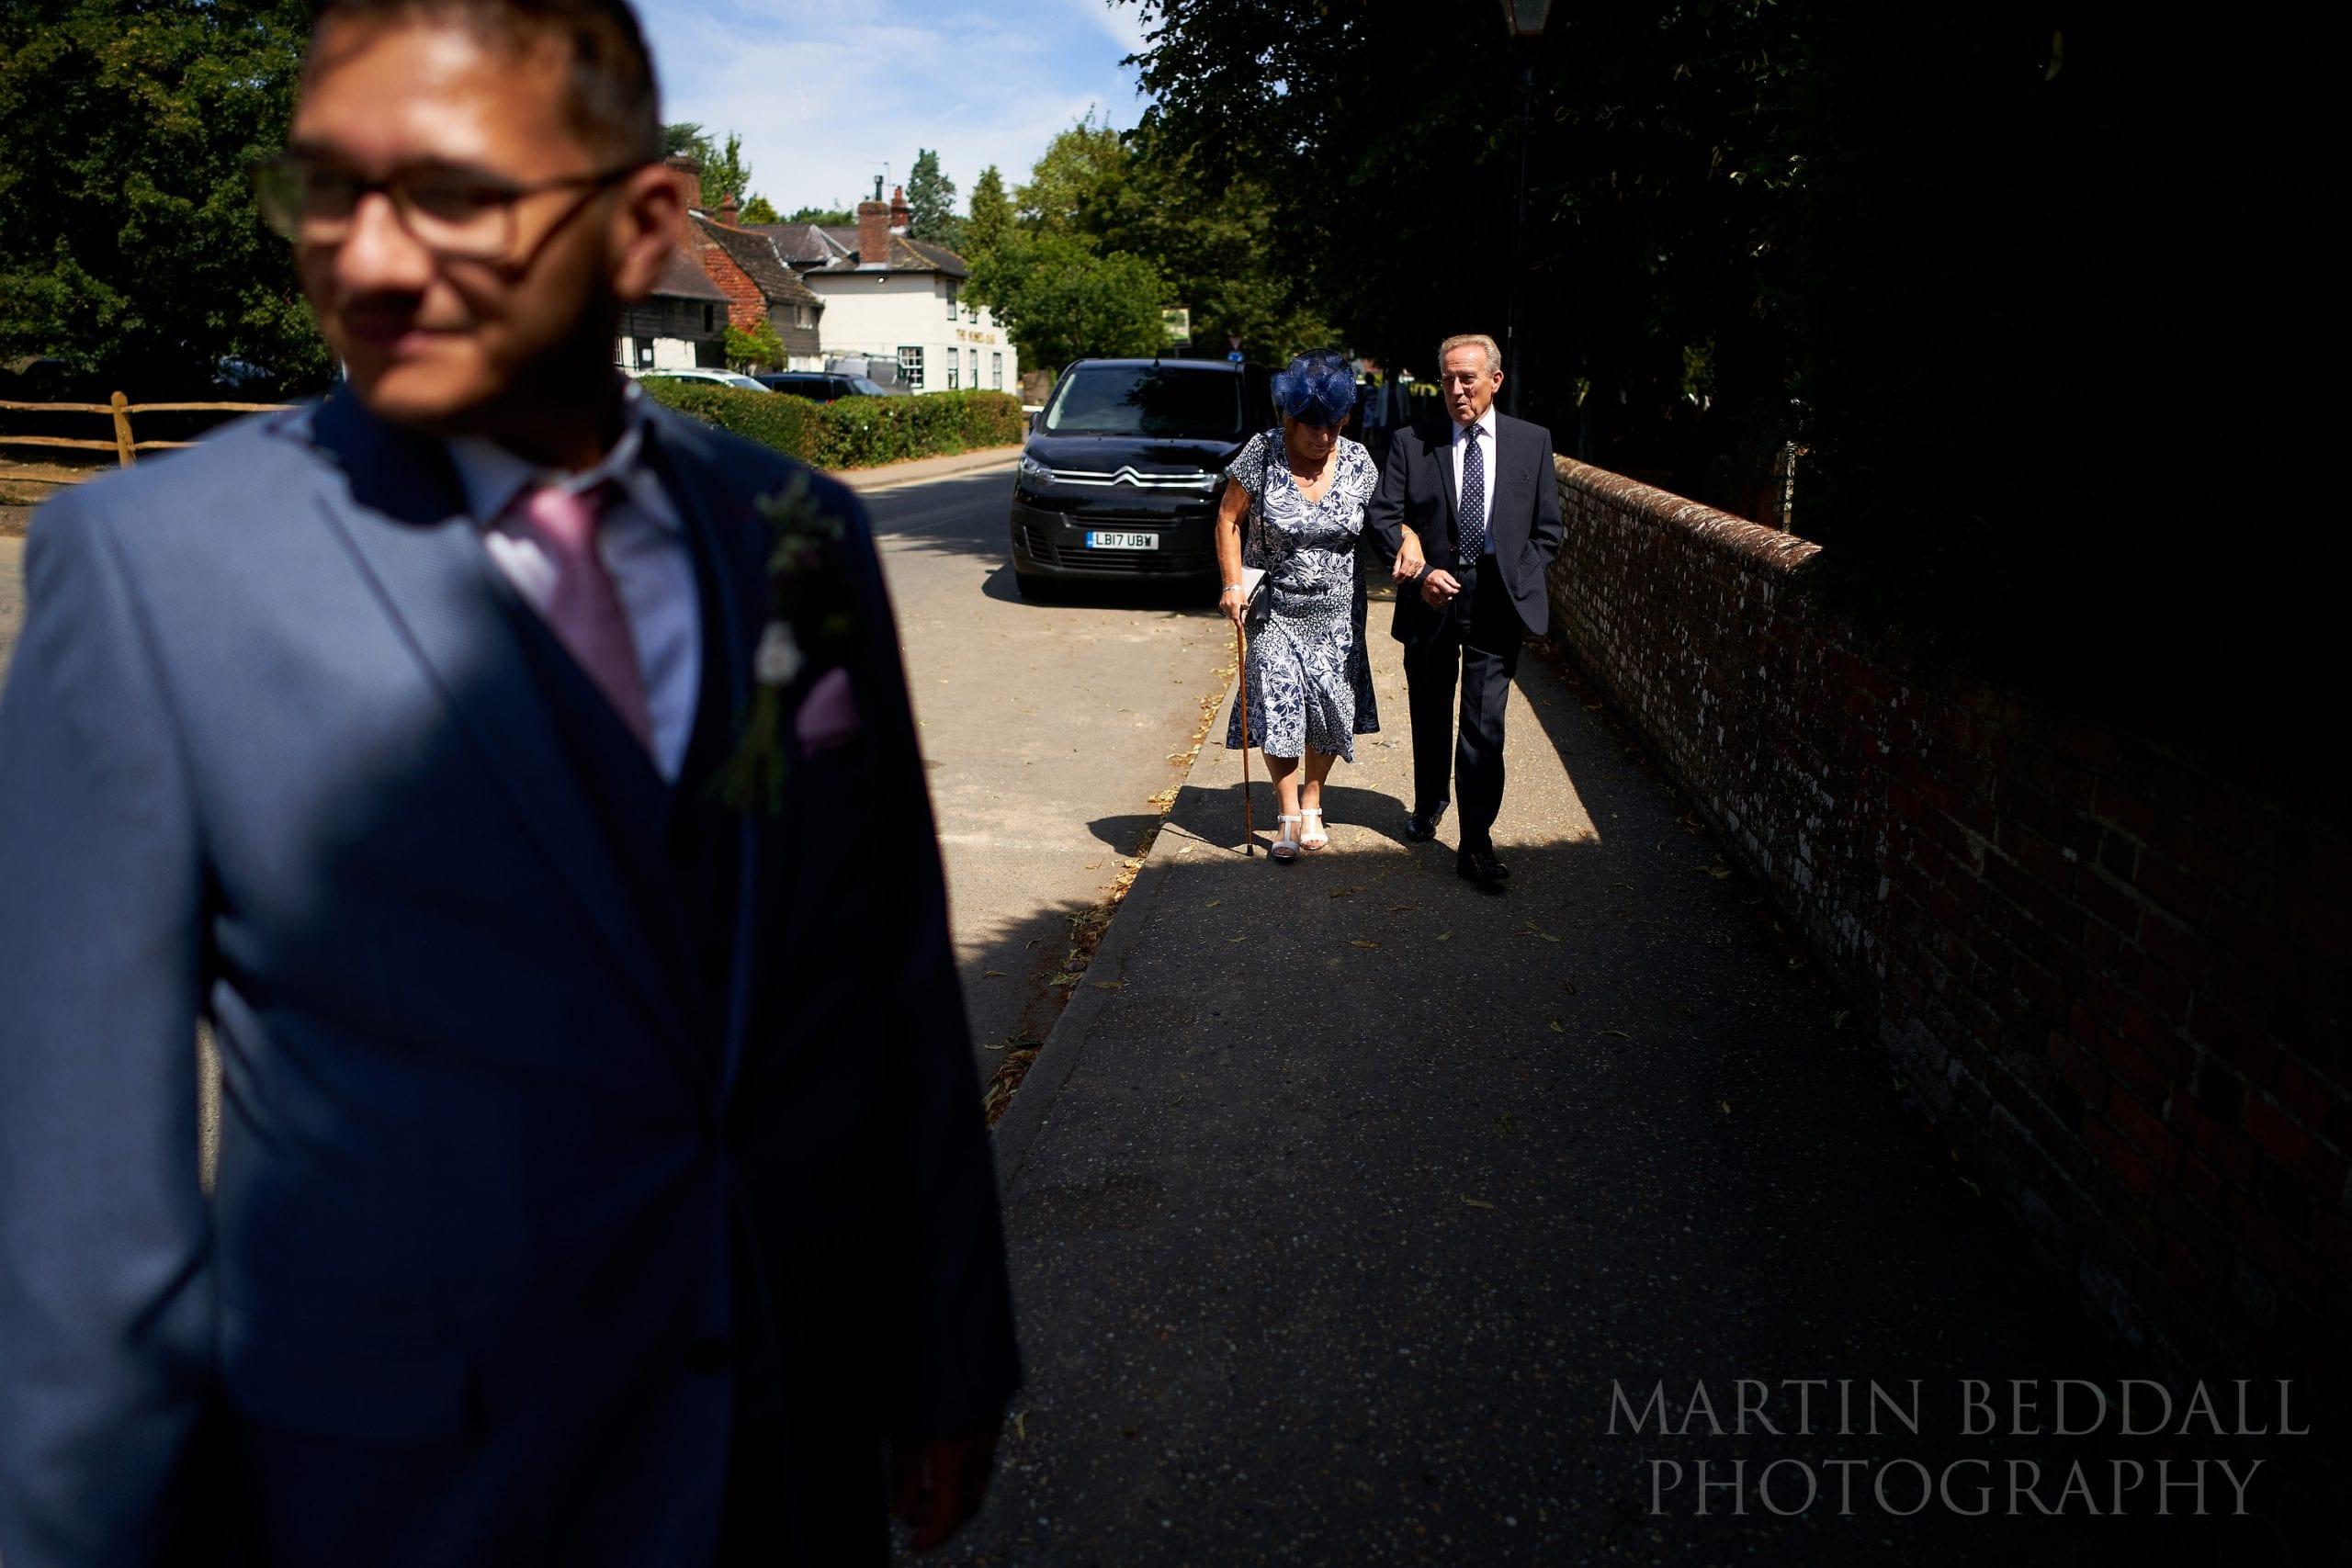 Wedding guests arrive at Warnham church in West Sussex